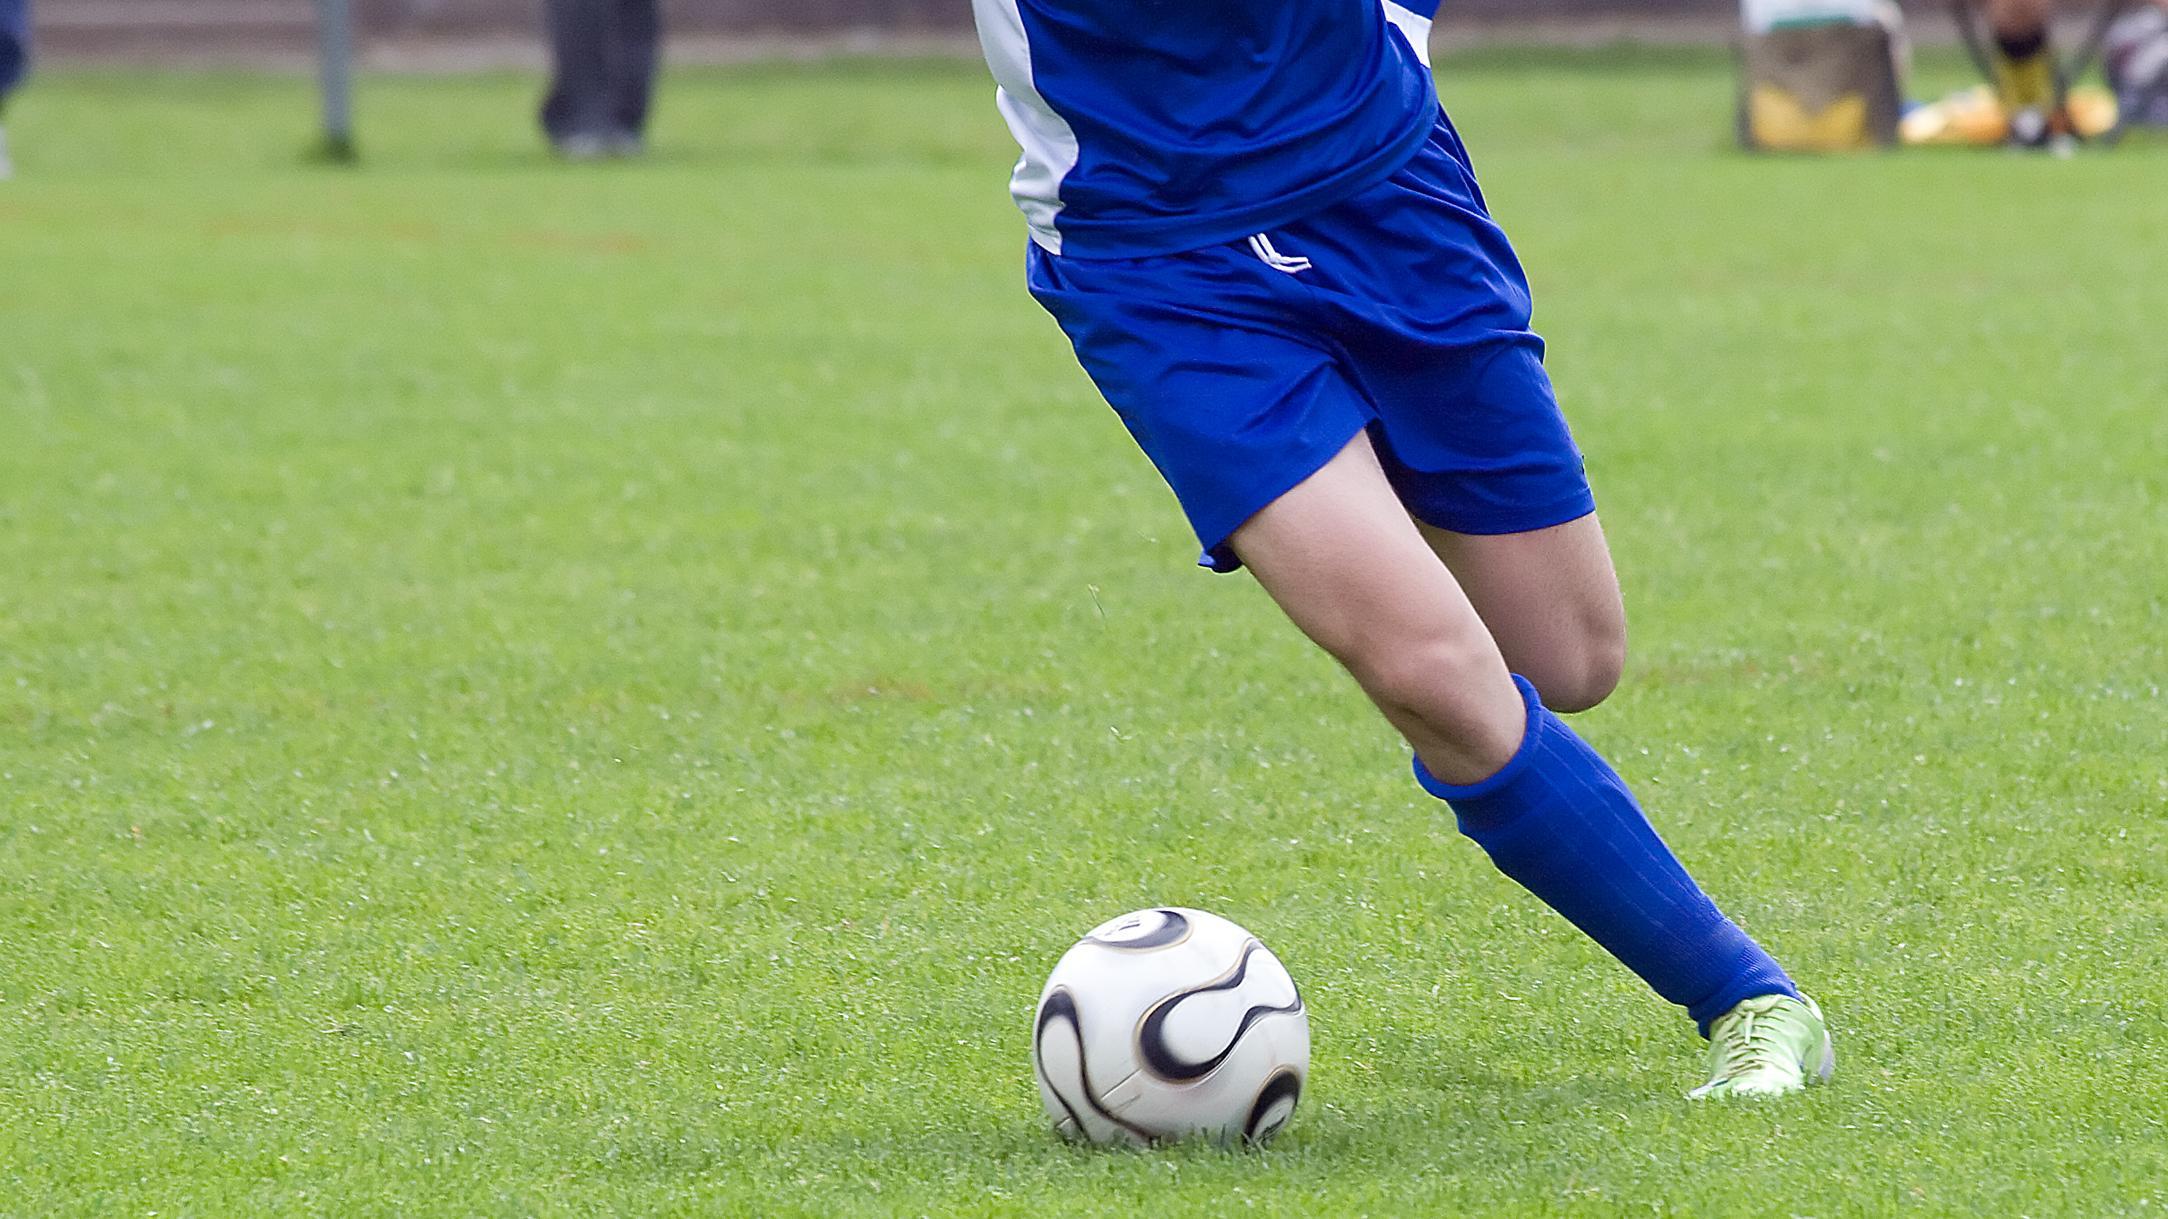 Die Beine eines Fußballspielers treten Richtung Ball